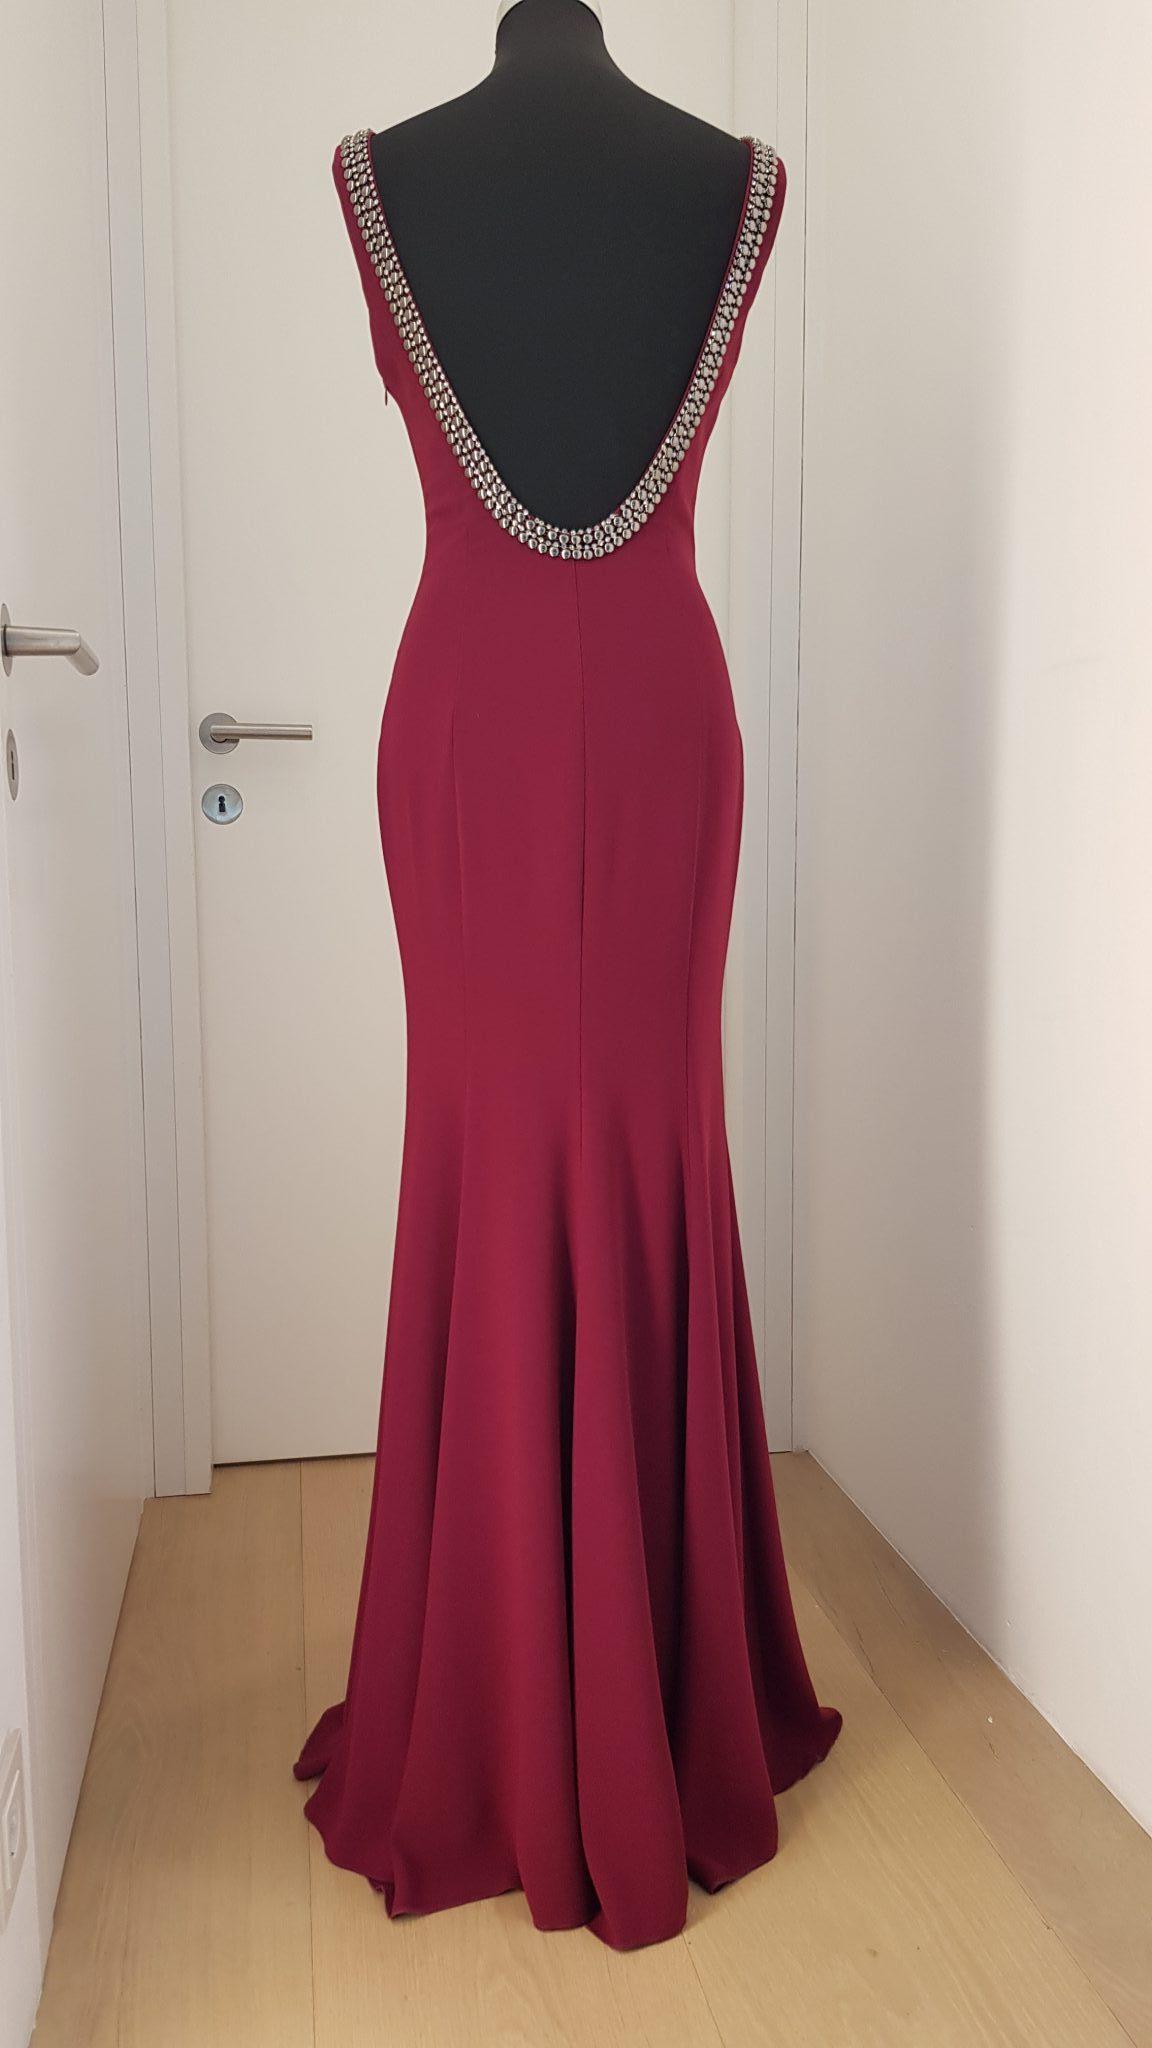 Abend Luxurius Troyden Abendkleid SpezialgebietAbend Wunderbar Troyden Abendkleid Design